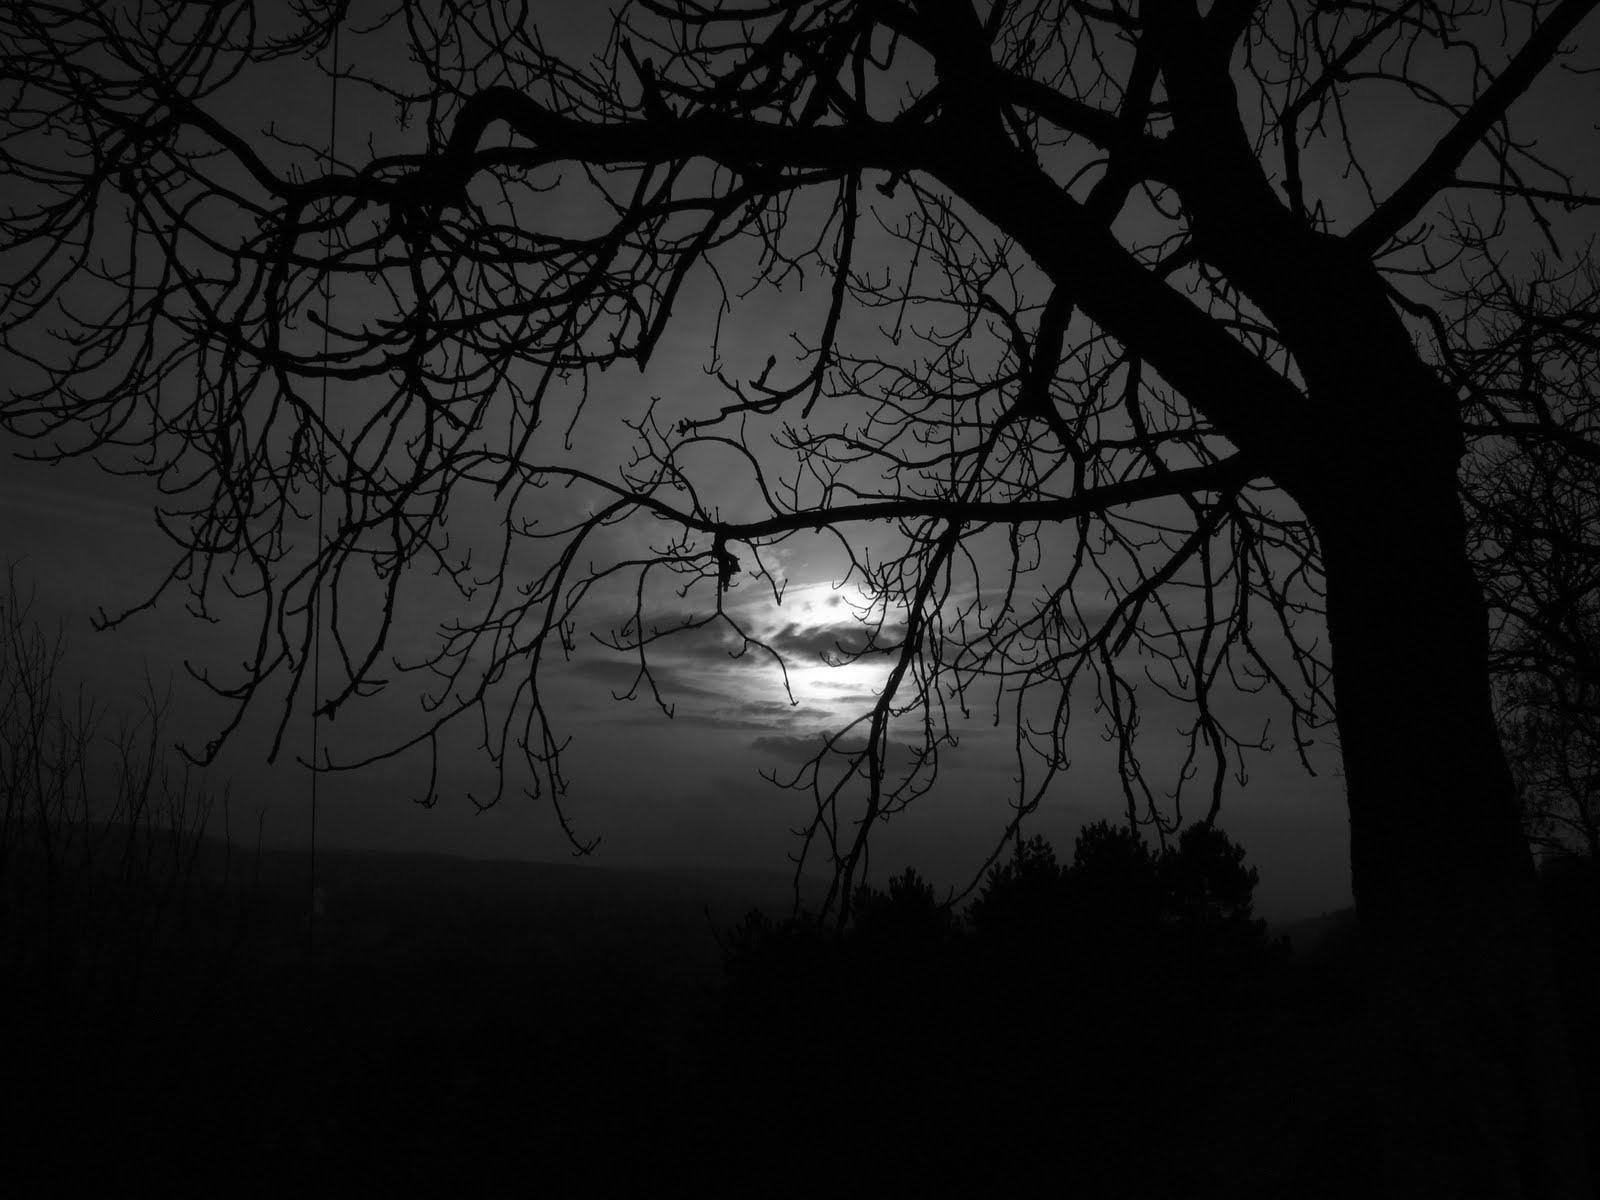 Hình nền đen tối cây cối ủ rũ buồn thiu